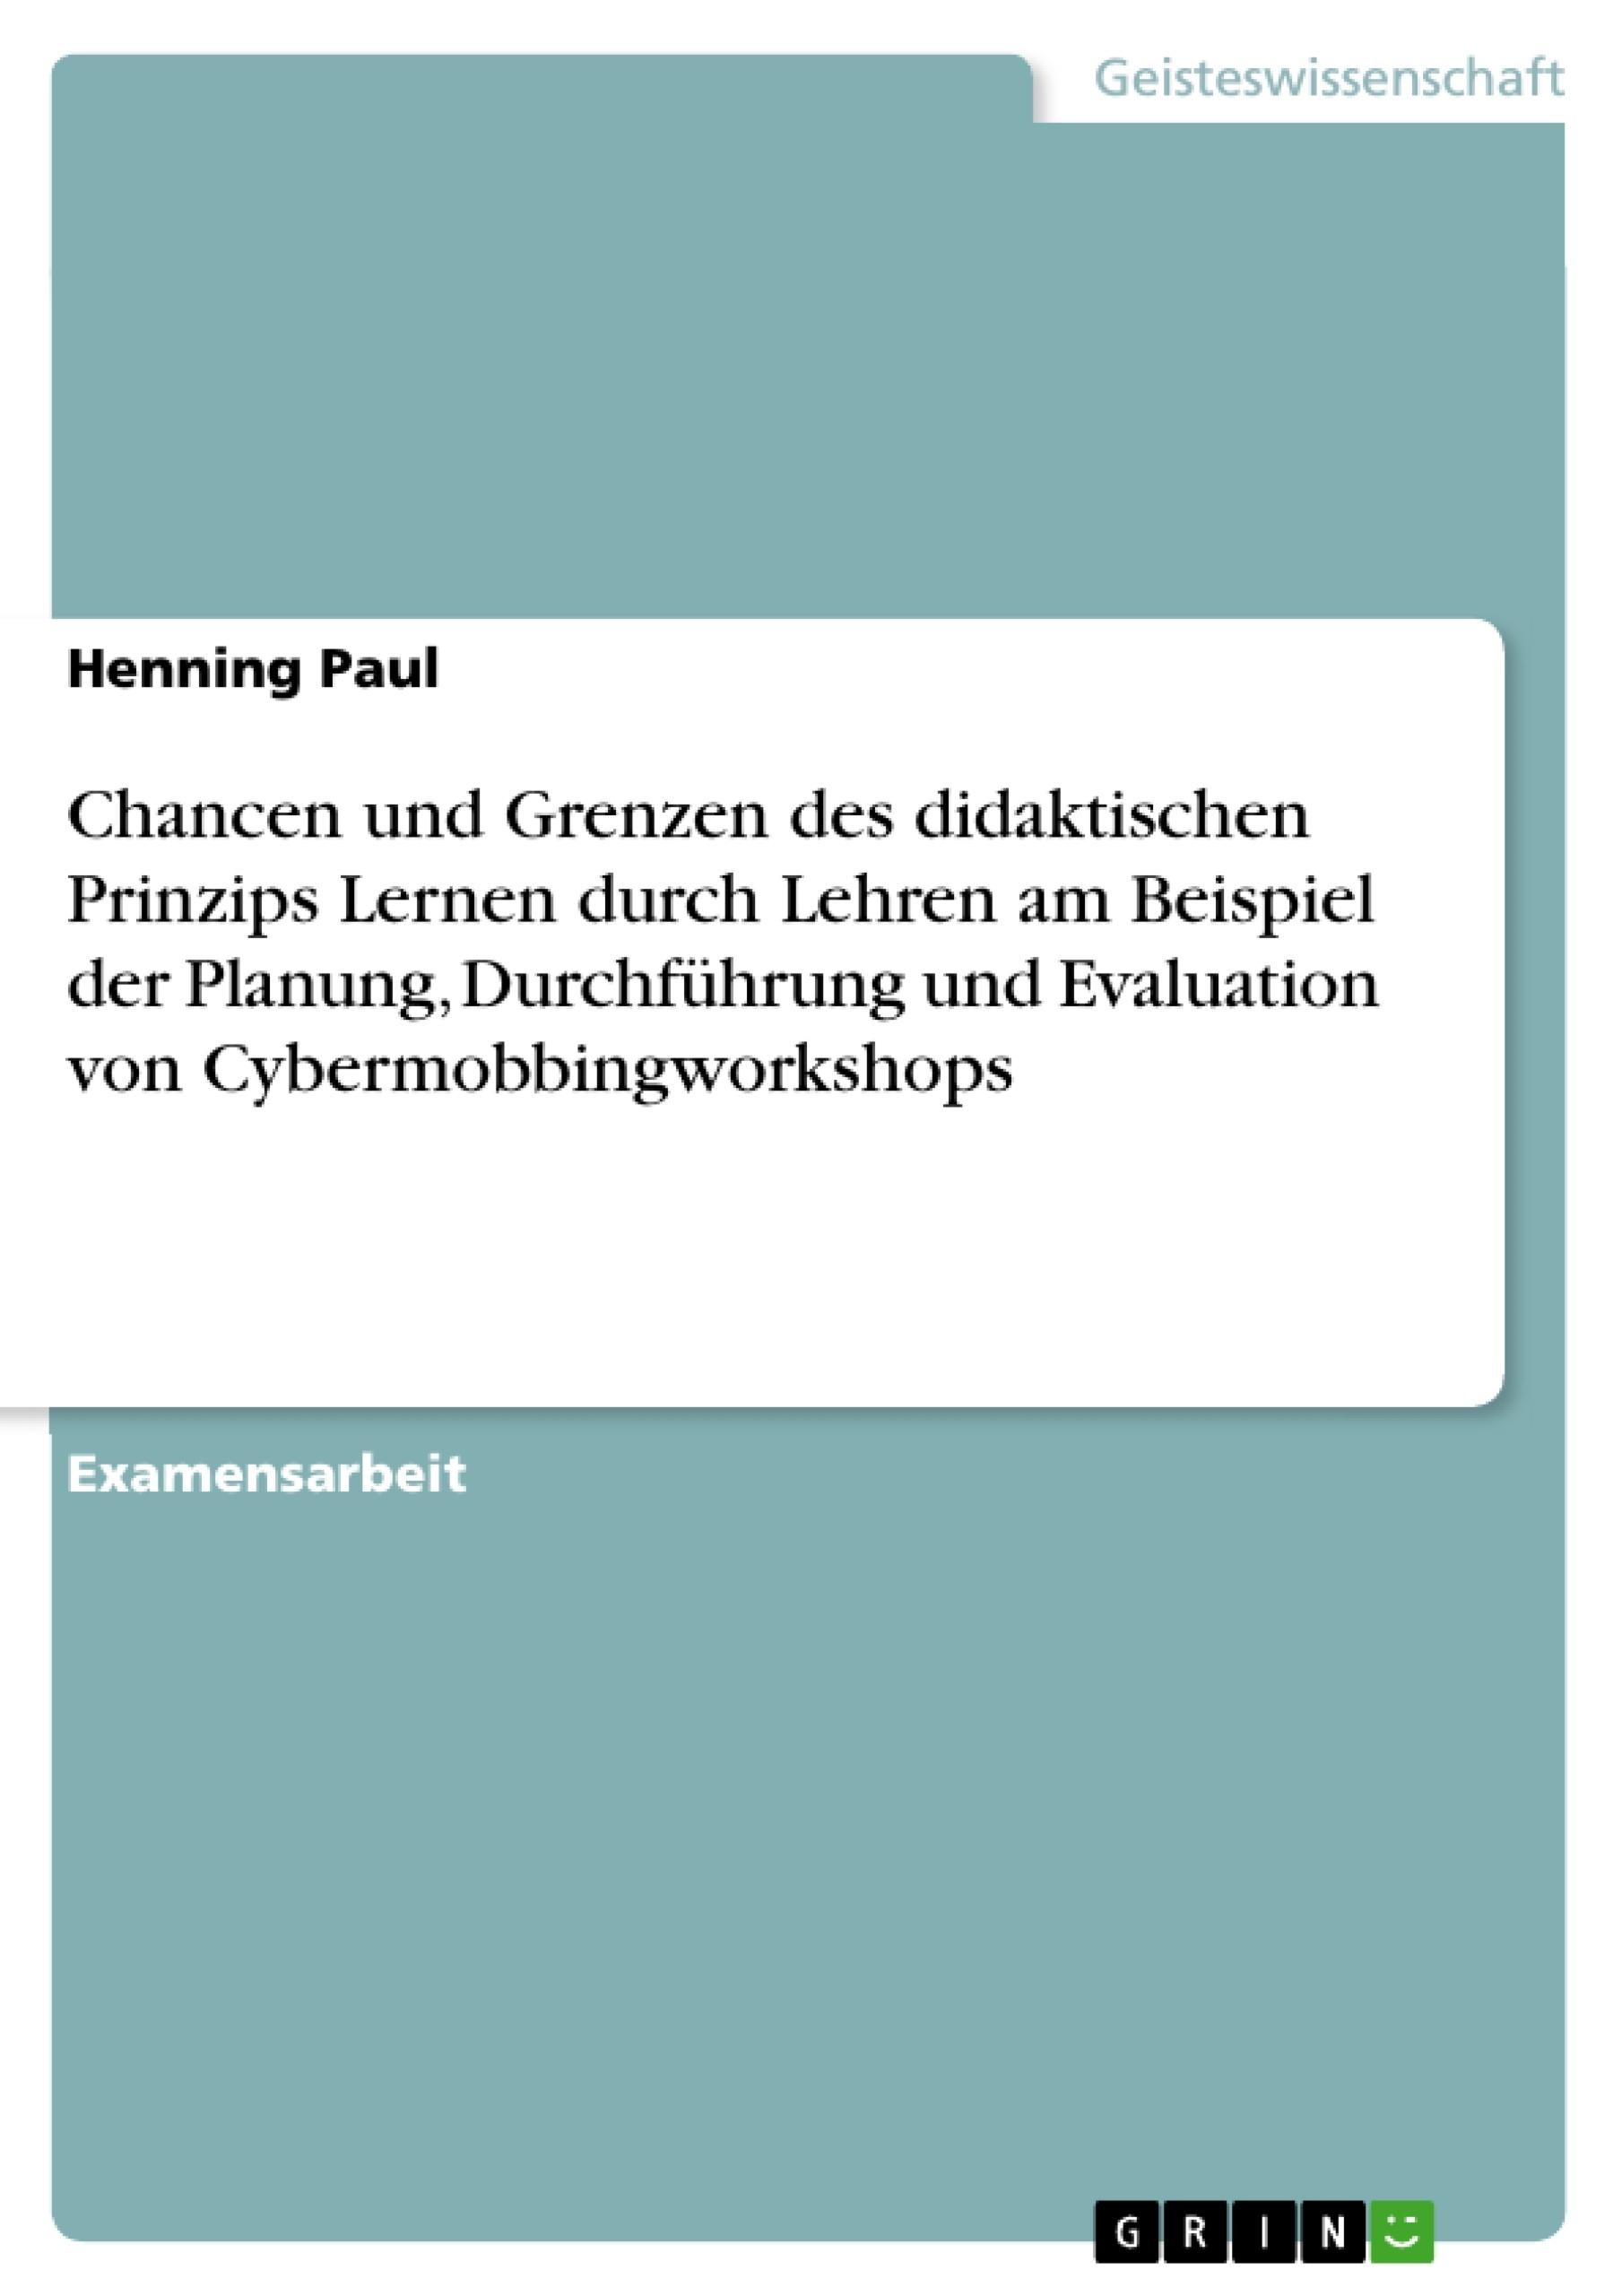 Titel: Chancen und Grenzen des didaktischen Prinzips Lernen durch Lehren am Beispiel der Planung, Durchführung und Evaluation von Cybermobbingworkshops